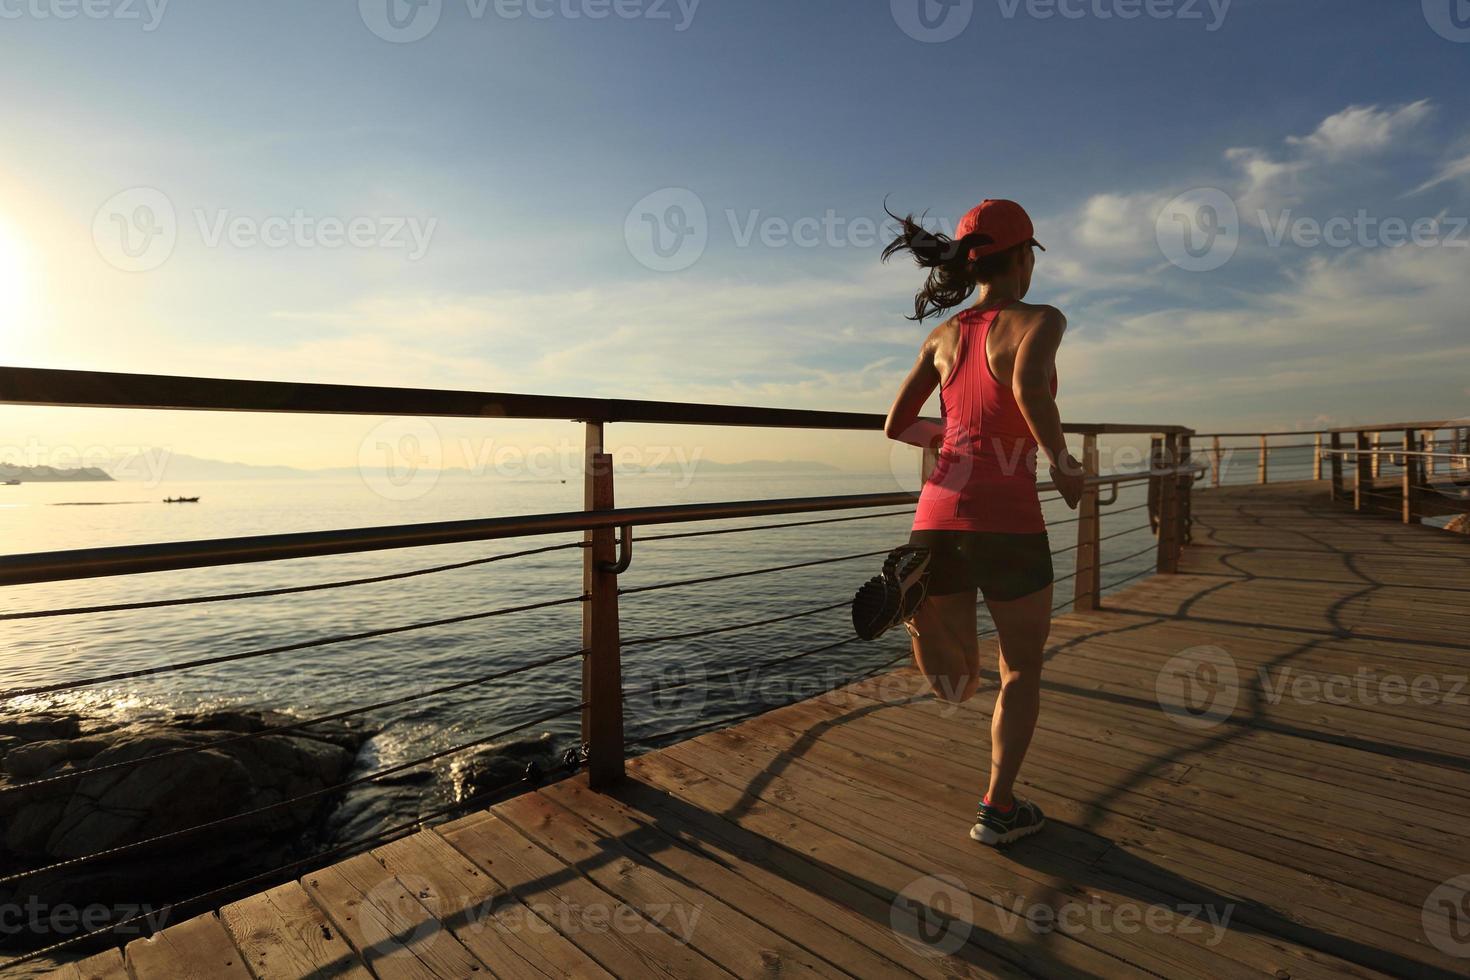 Estilo de vida saludable deportes mujer corriendo en el paseo marítimo de madera amanecer junto al mar foto